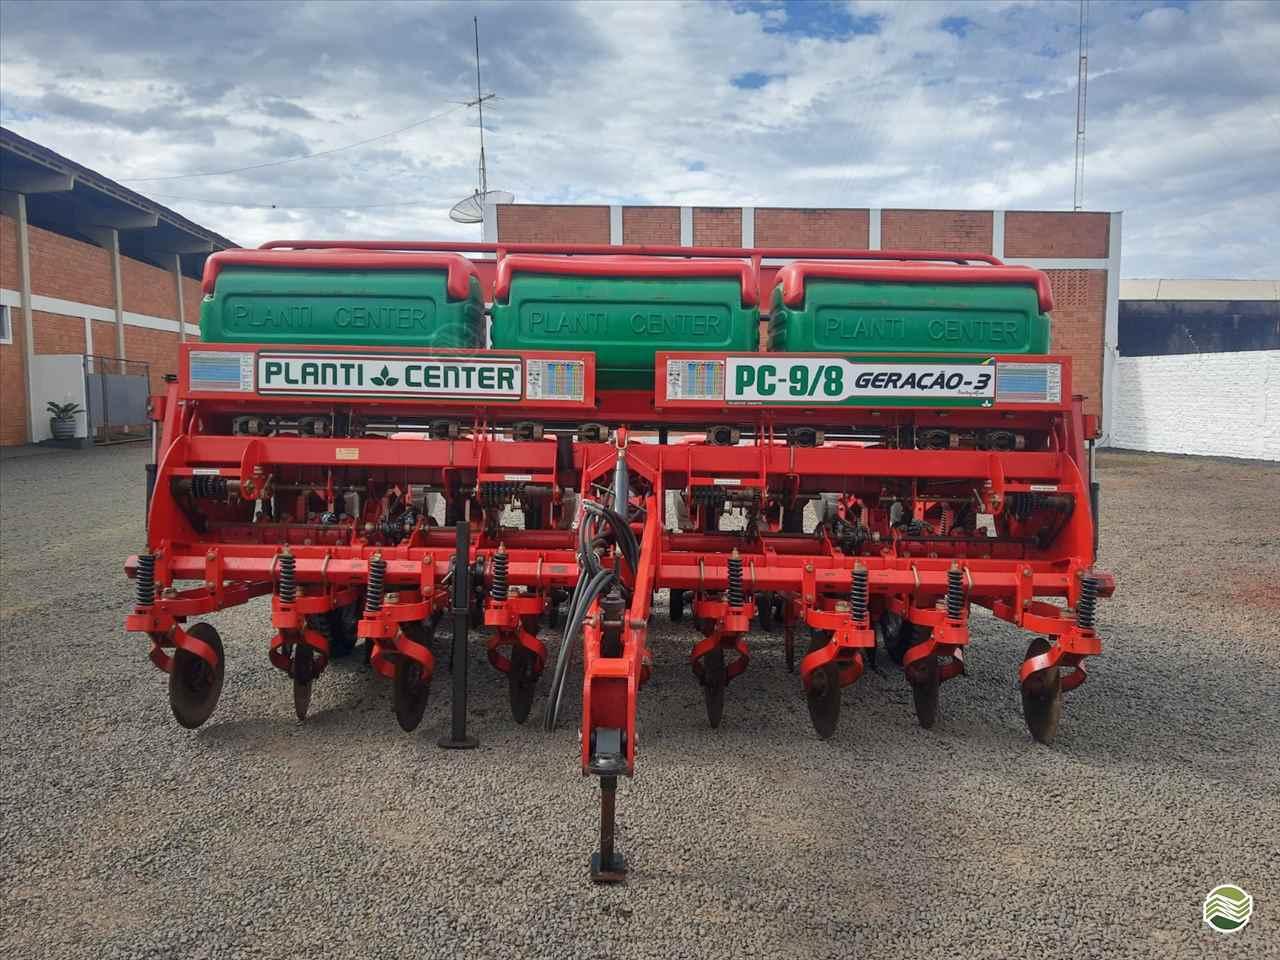 PLANTADEIRA PLANTI CENTER PENTA PC 9/8 GR Máquinas Agrícolas ARAPONGAS PARANÁ PR